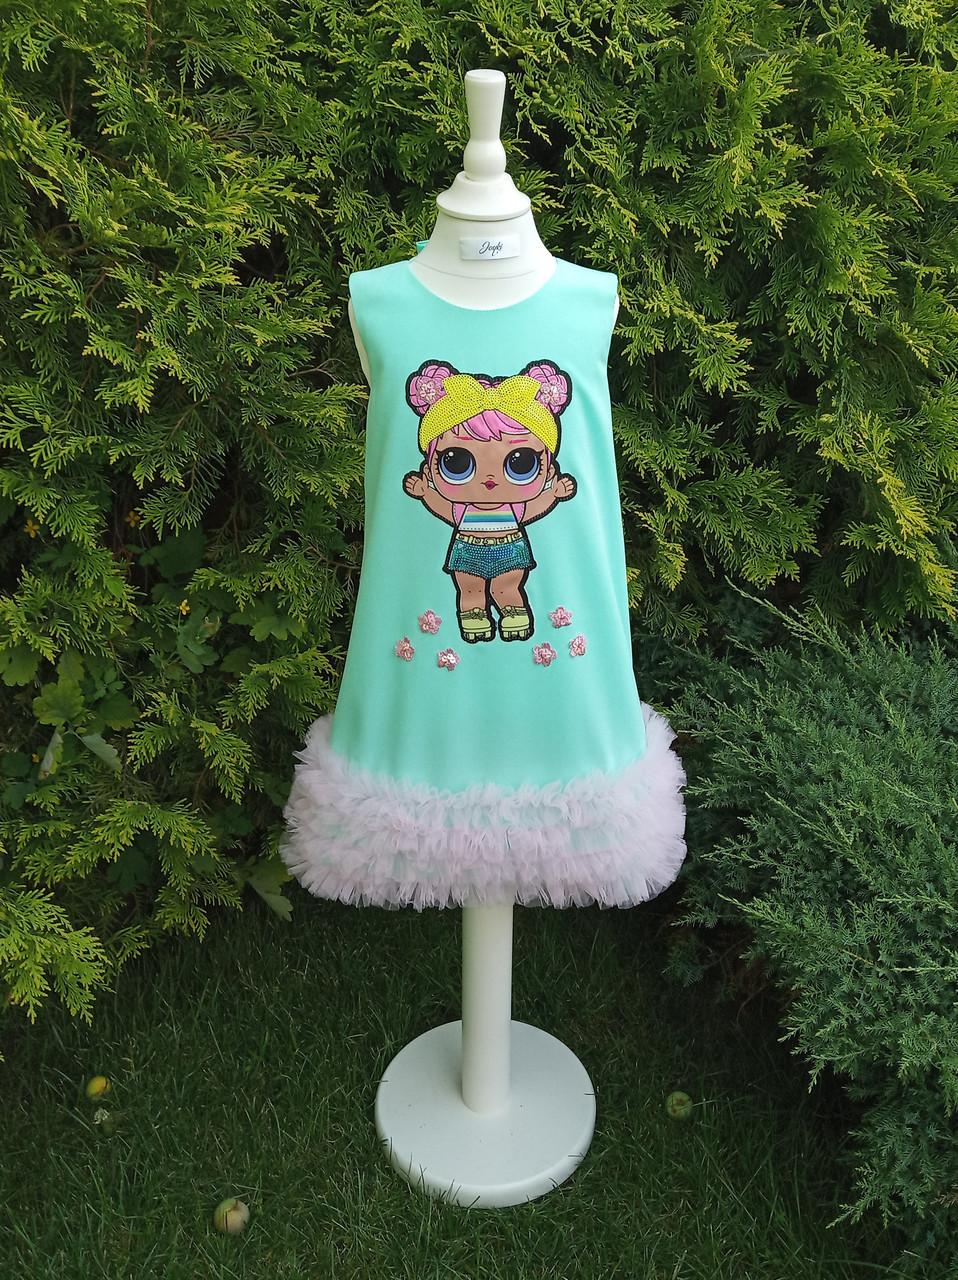 Р 110/116, детское нарядное платье бирюзового цвета с куклой Lol